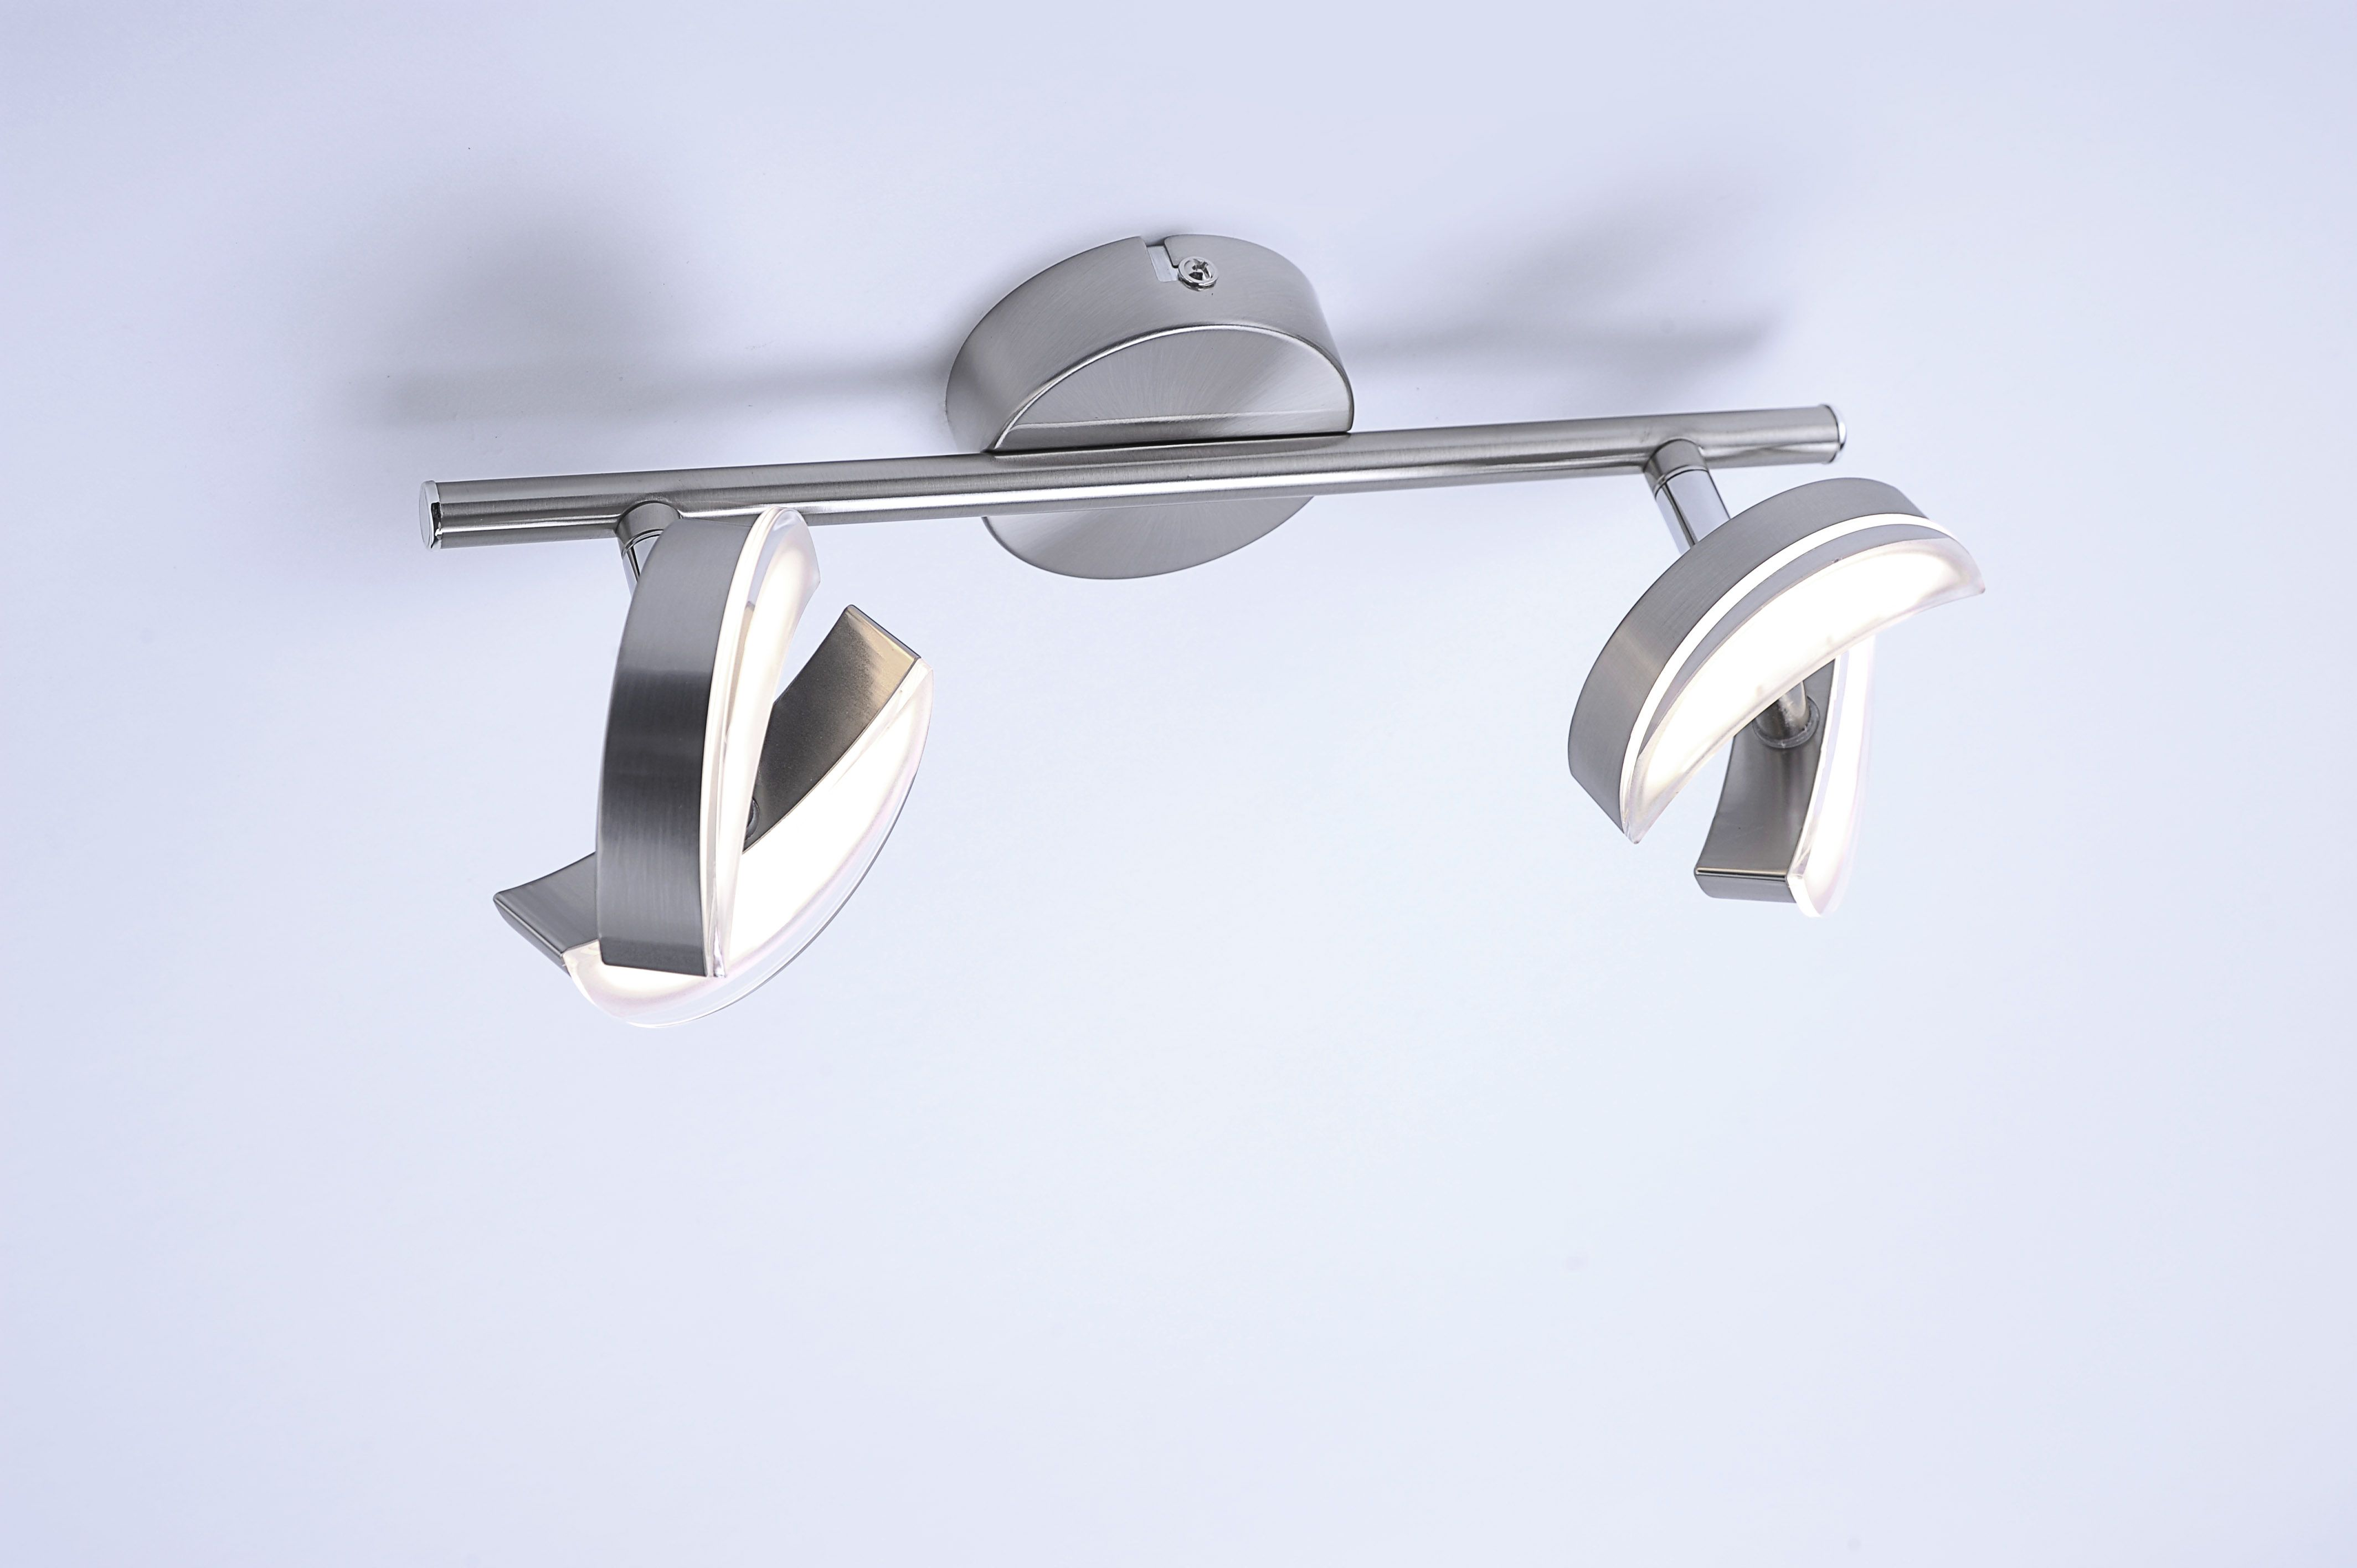 LED Deckenleuchte, 2 flammig stahl,schwenkbar,